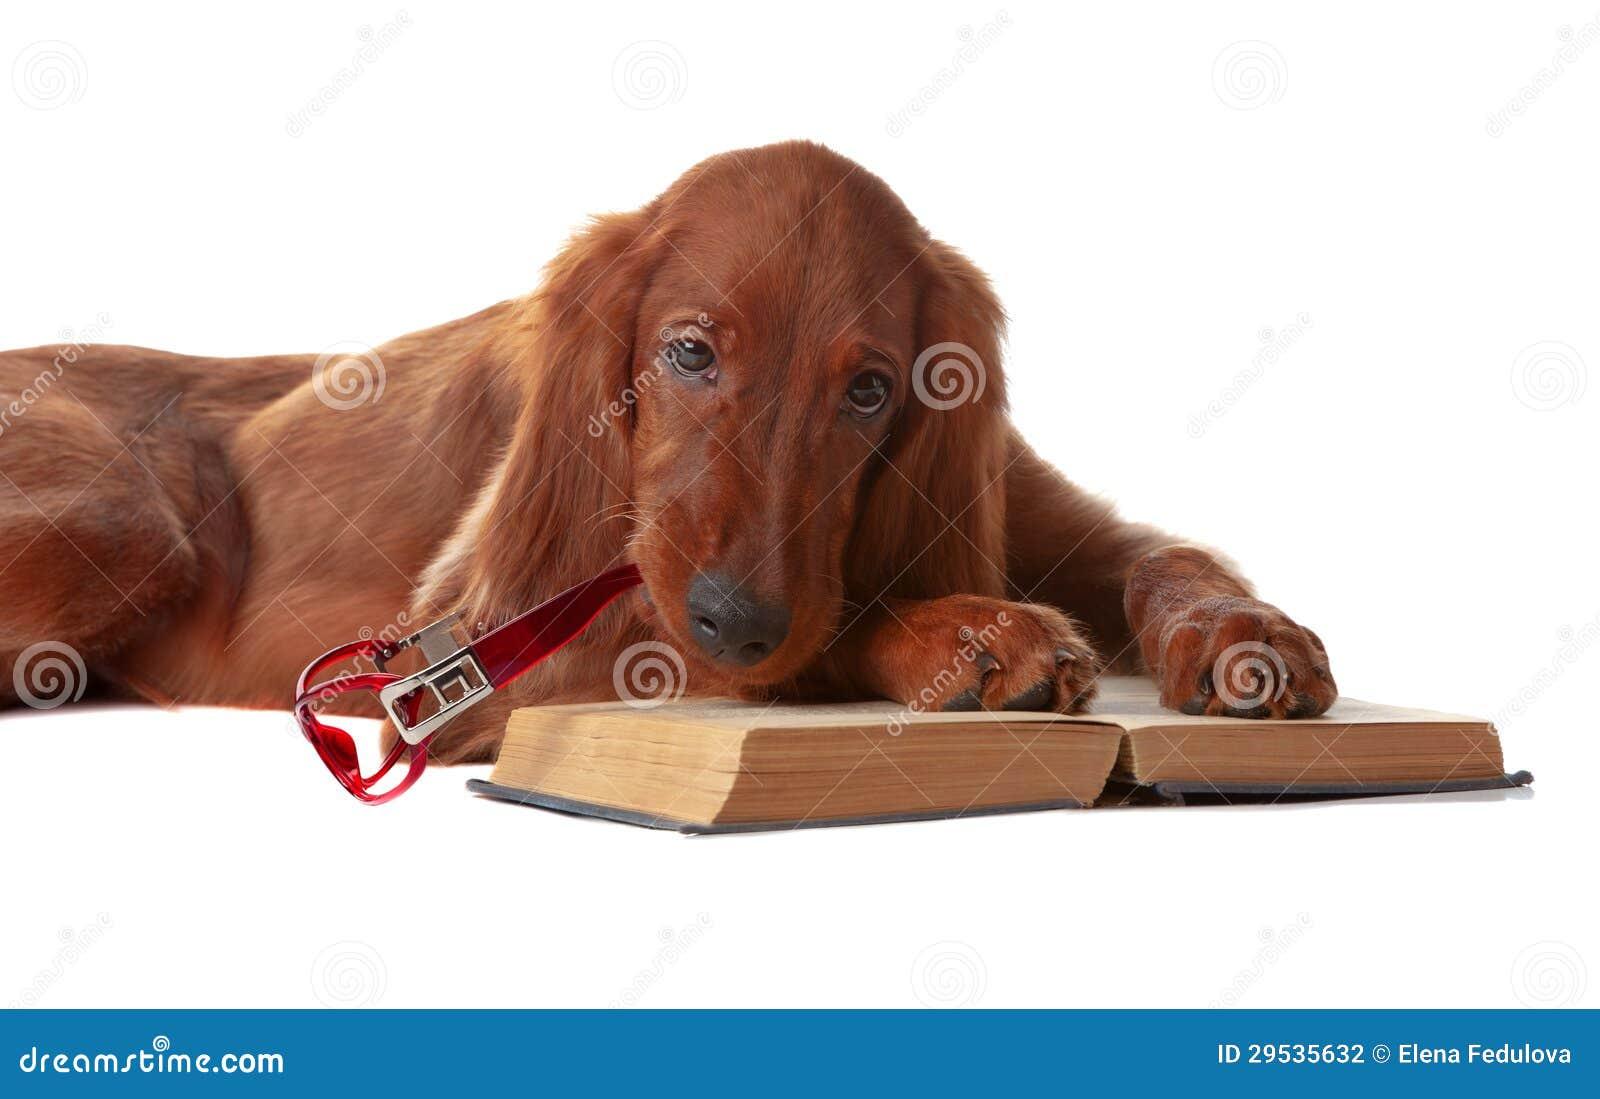 Filhote de cachorro do setter com vidros e livro. Isolado no branco